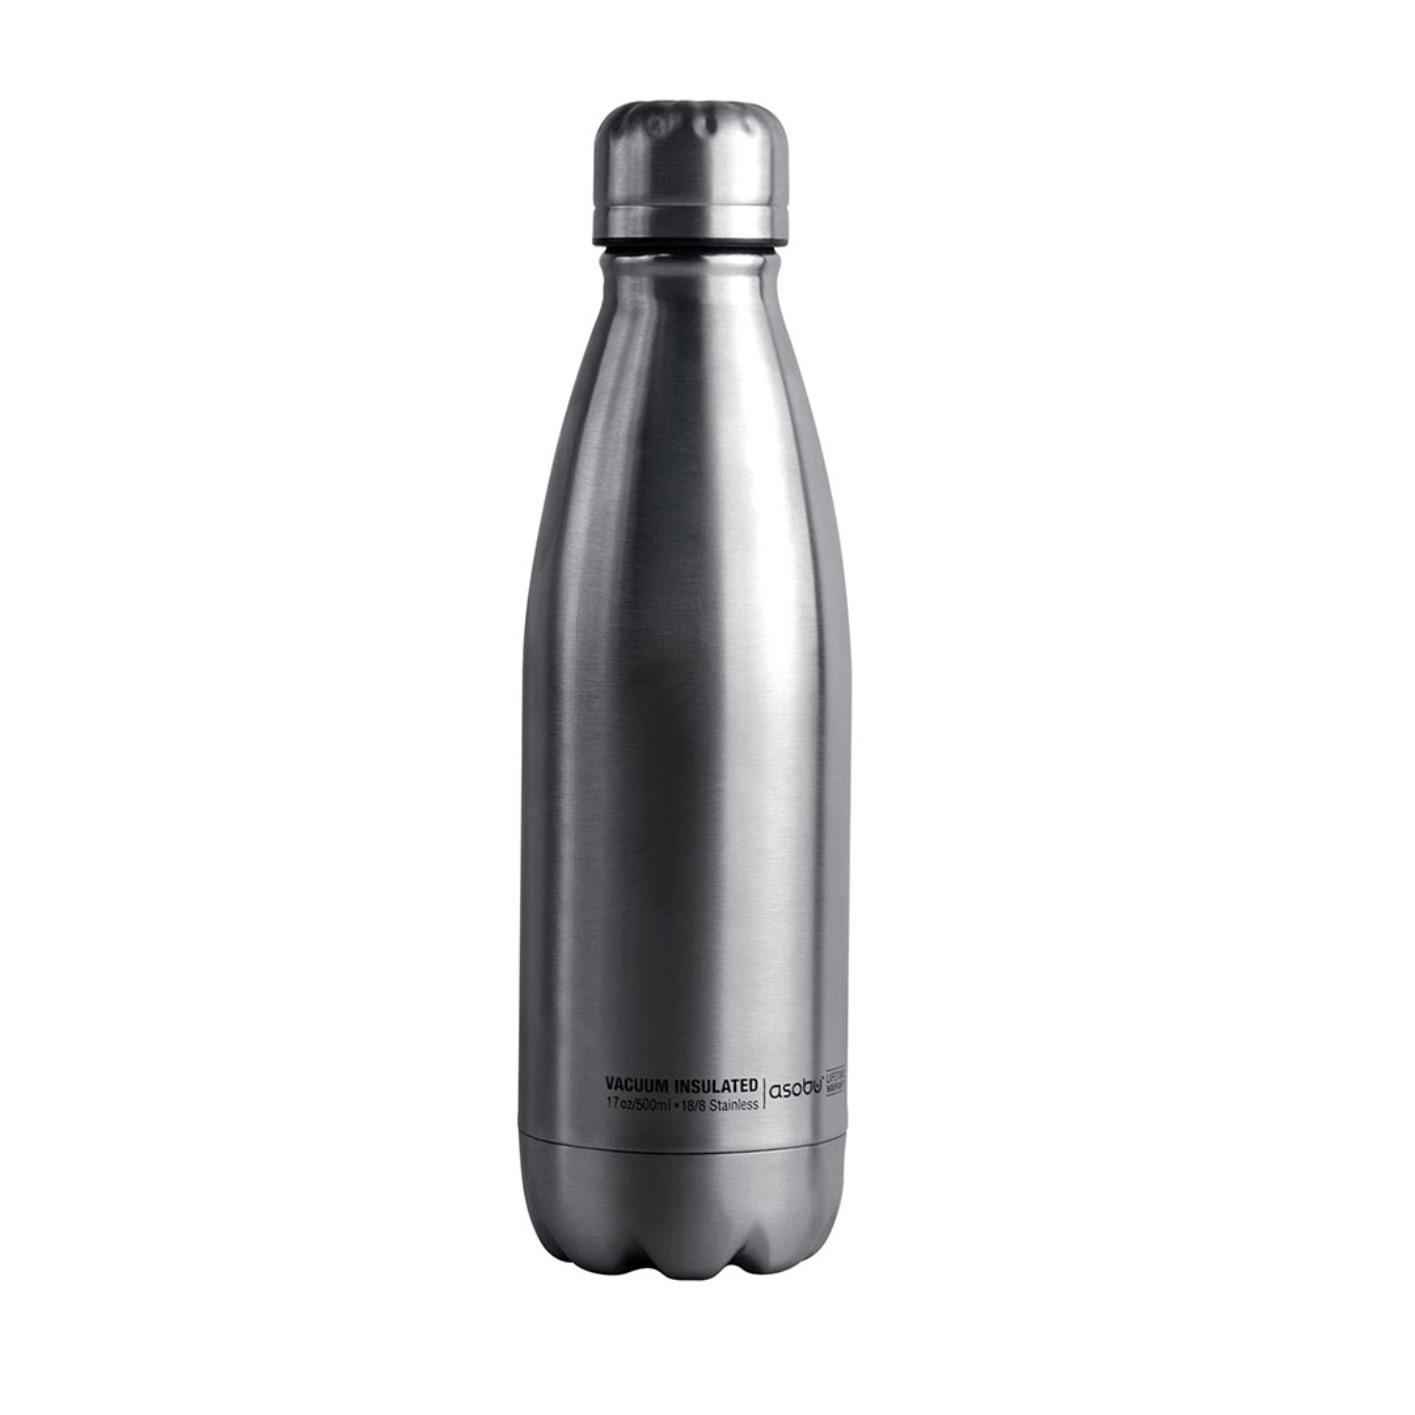 Онлайн каталог PROMENU: Термобутылка Asobu CENTRAL PARK, 0,51 л, серебристый                                   SBV17 SILVER